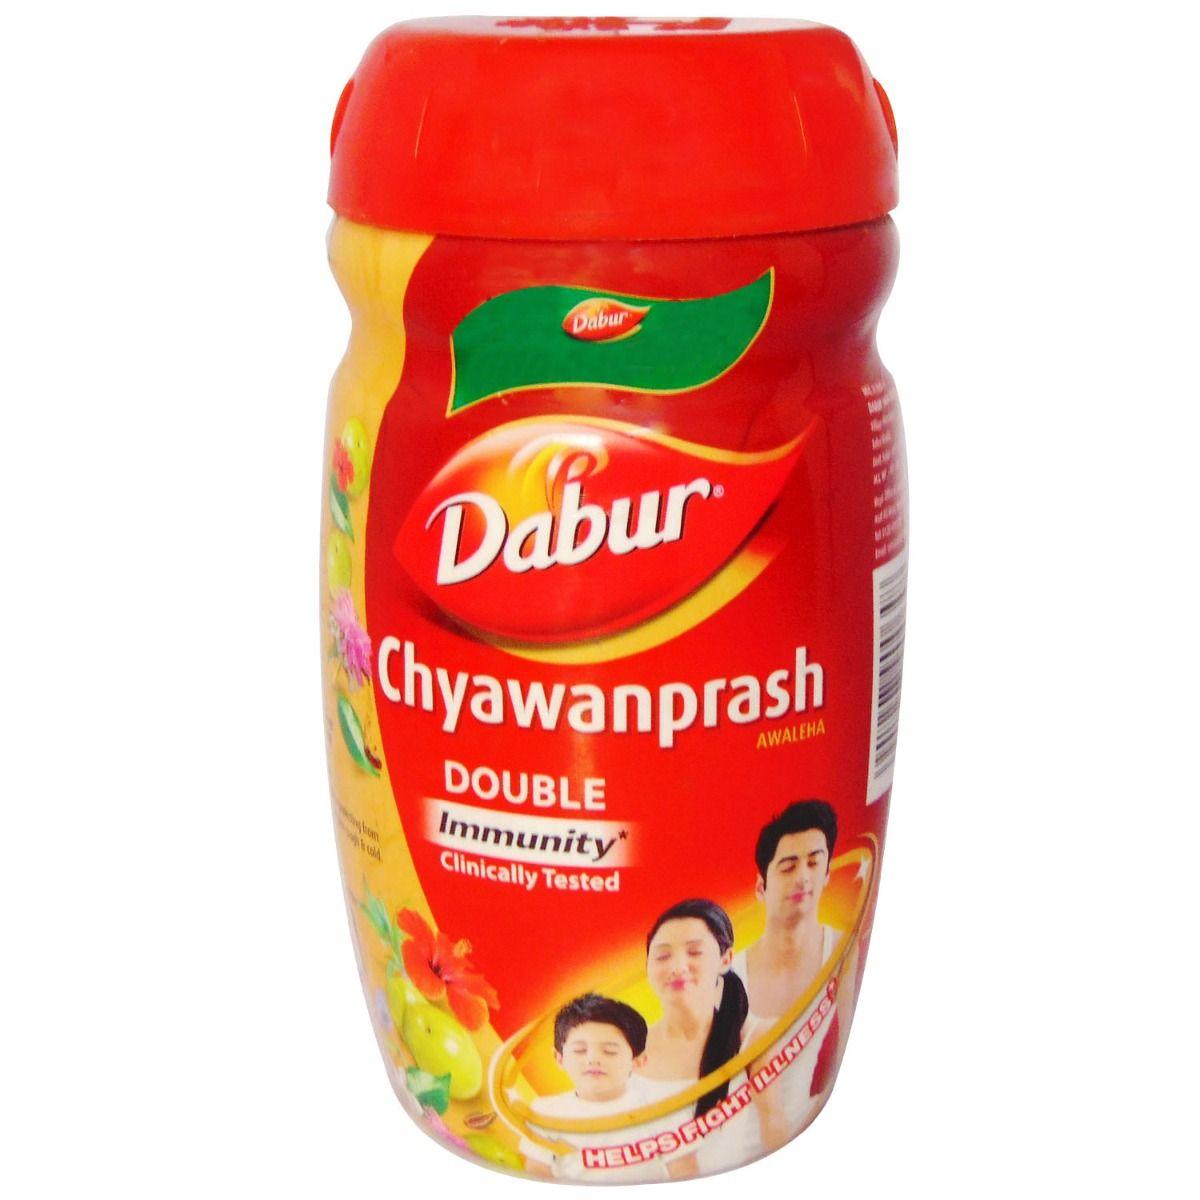 Dabur Chyawanprash Awaleha, 1 Kg, Pack of 1